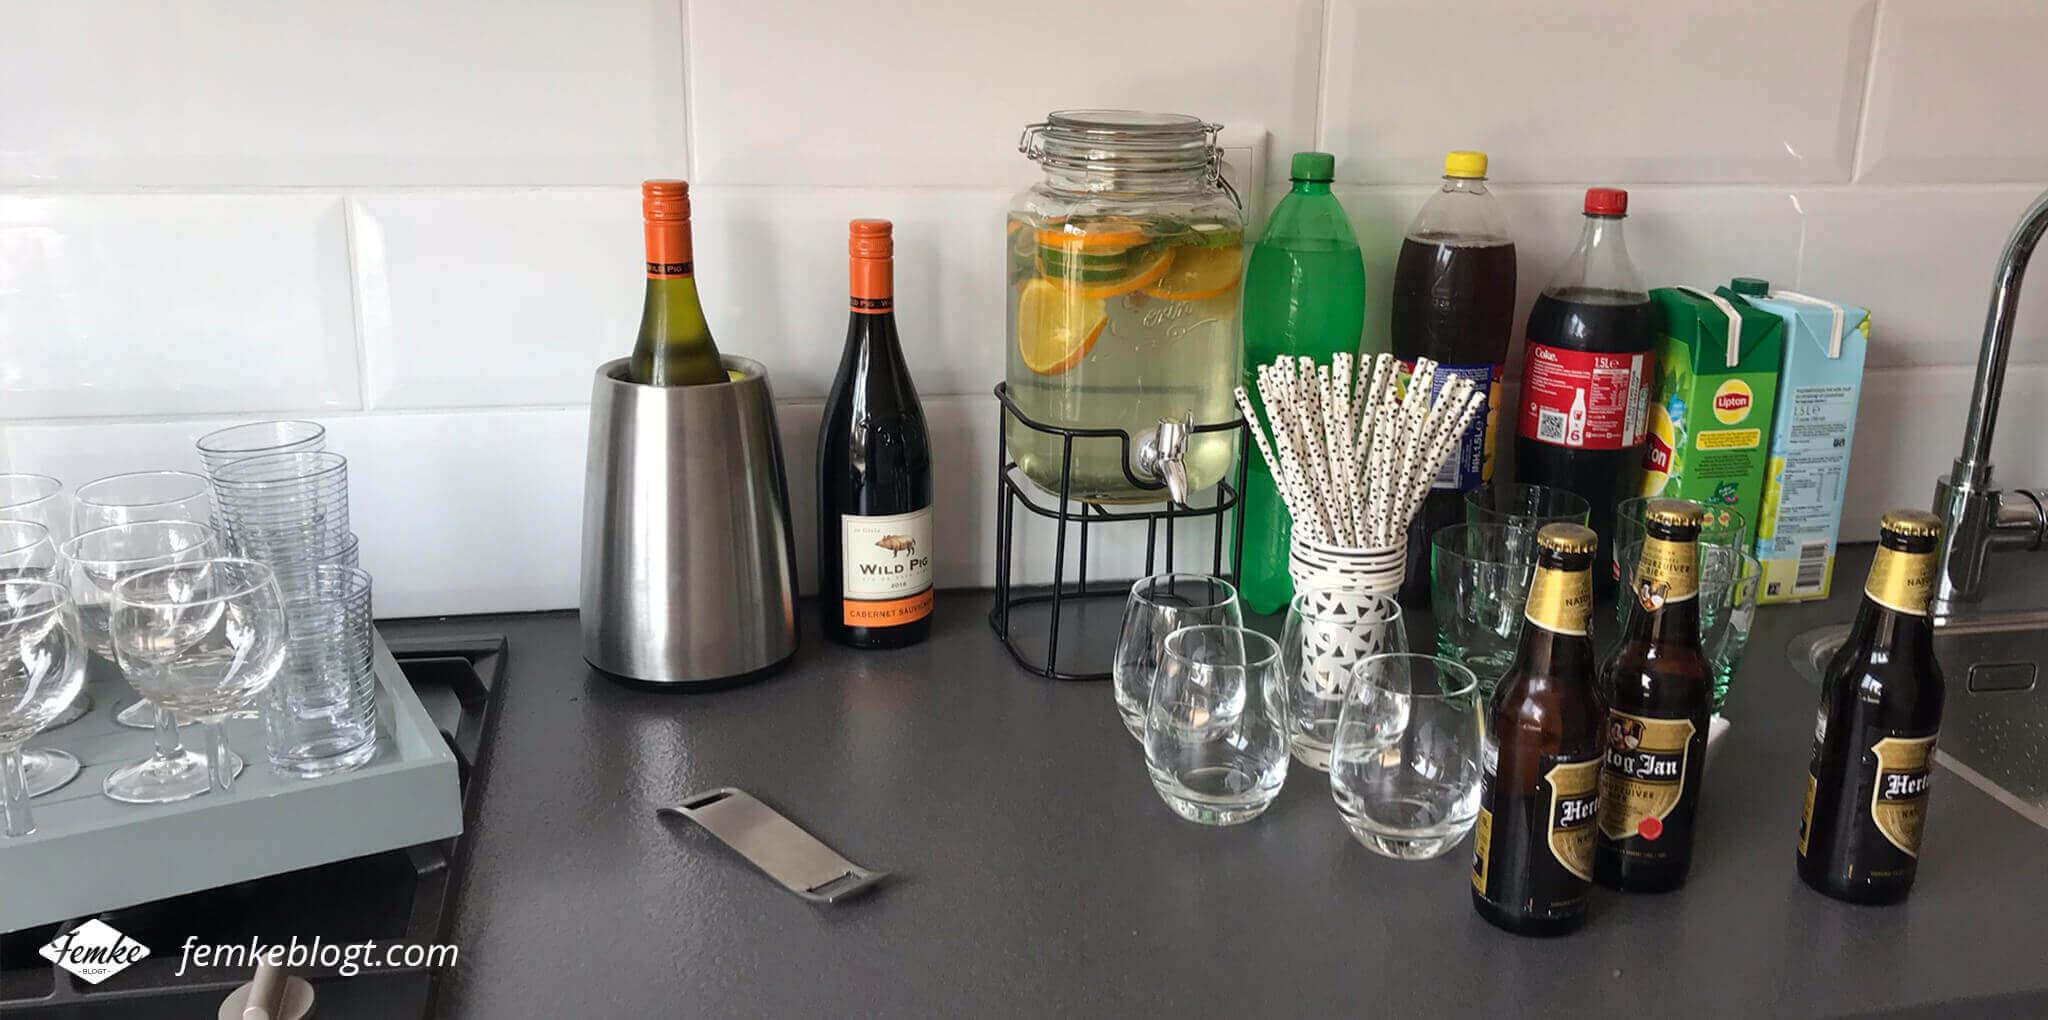 Onze housewarming | De dranken met fruitwater in een drankdispenser, feestelijke bekers en rietjes